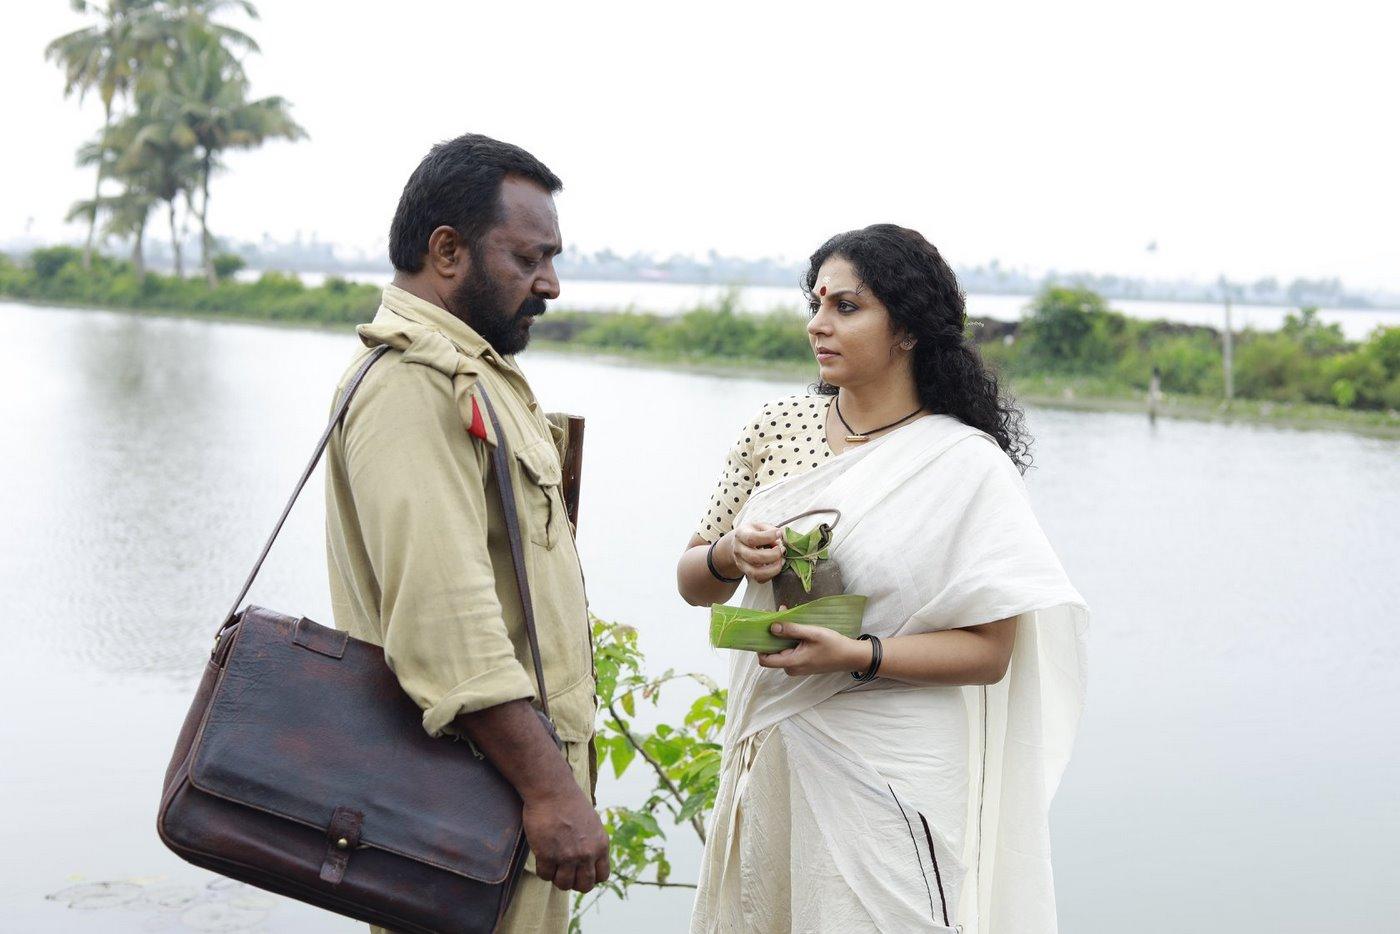 bhayanakam movie stills 19